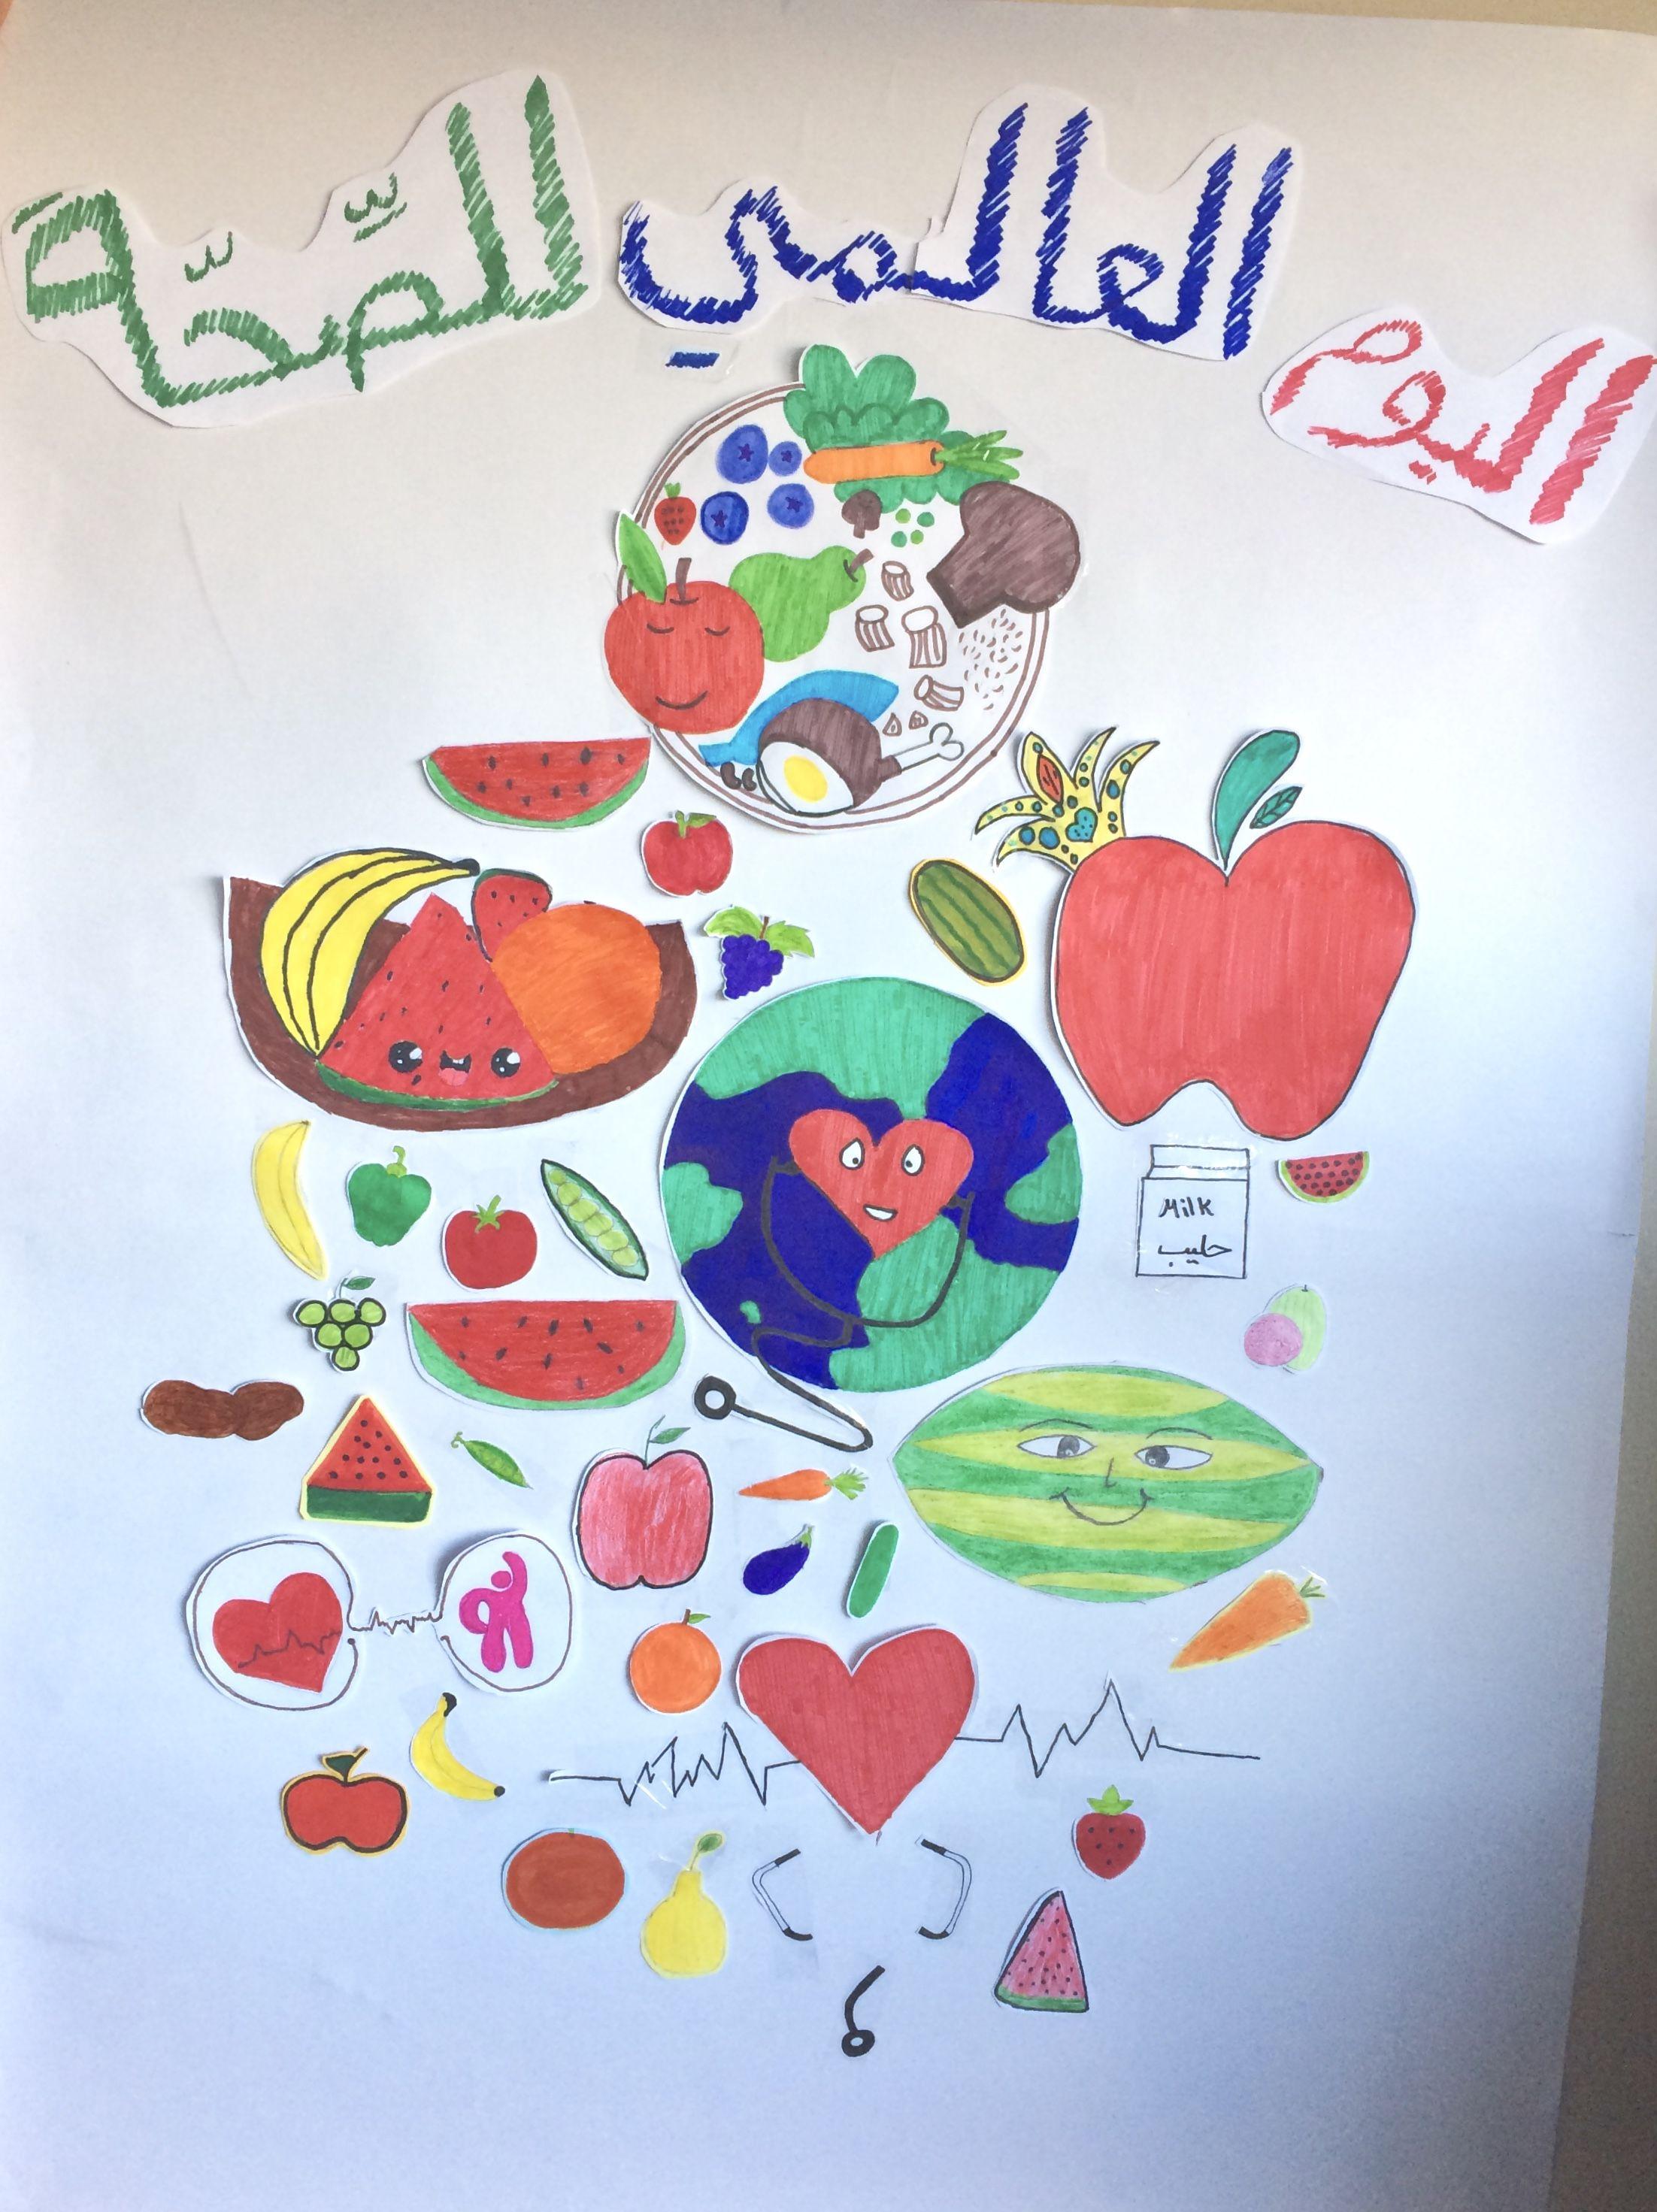 ننشر إعلان وظائف المدرسة الأمريكية المتحدة في الكويت عدة تخصصات للمواطنين والأجانب المقيمين في الكويت وفقا لعدد من الشروط والم School Gaming Logos Calm Artwork